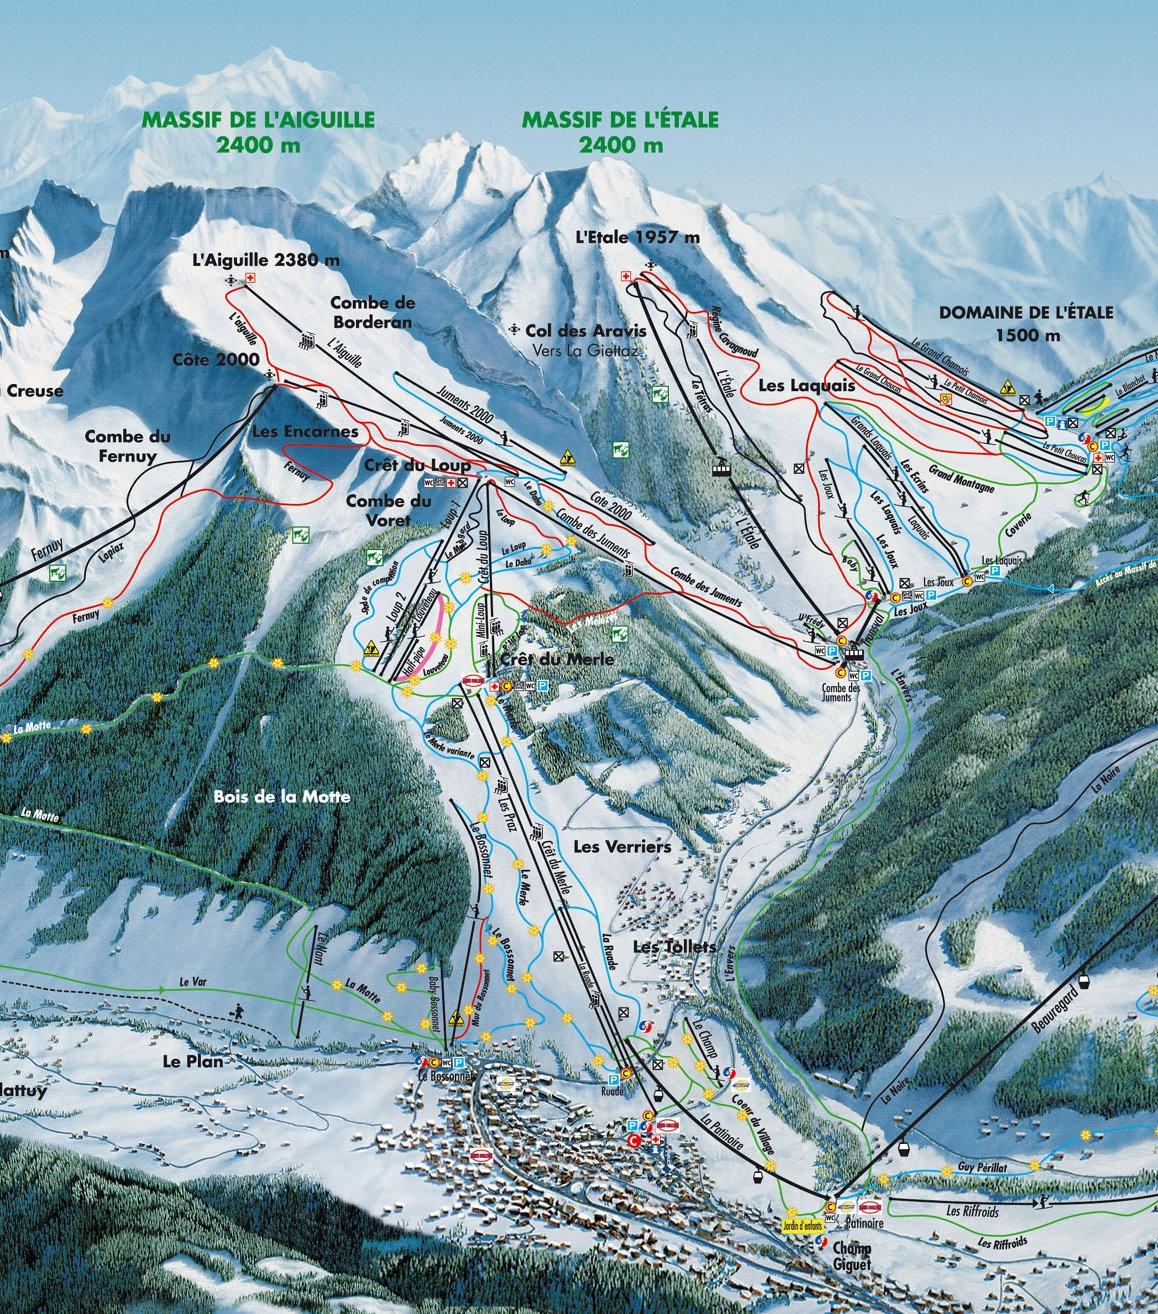 Lyžařská mapa sjezdovek areálu Massif de l'Aiguille